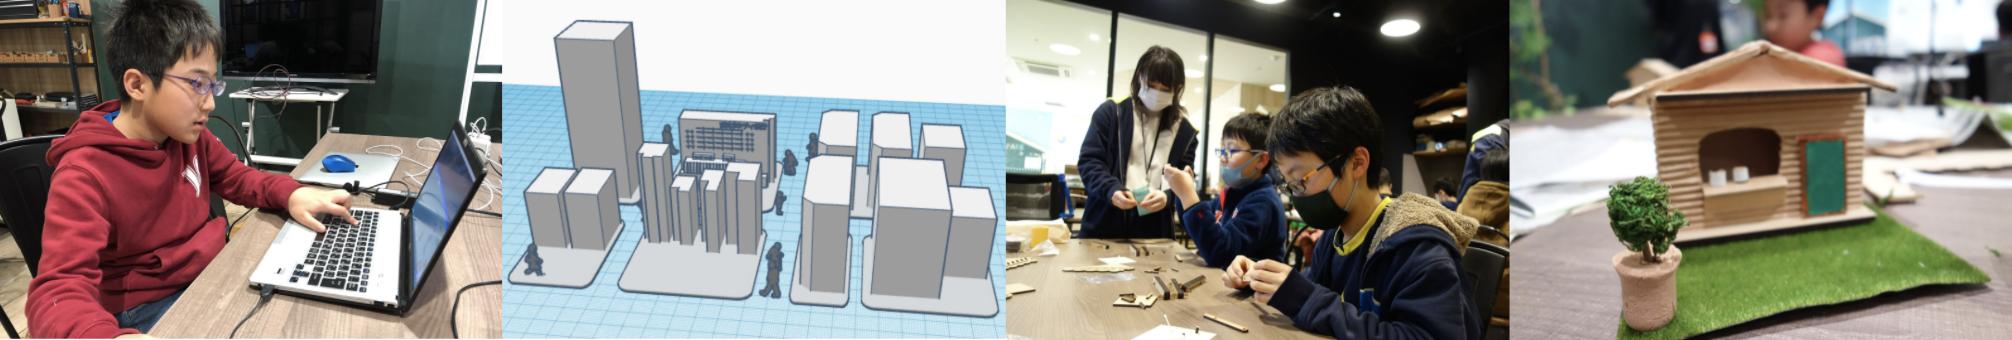 建築のプロと未来の福岡・天神のまちをつくる、小中学生向け学習プログラム「未来の天神プロジェクト」